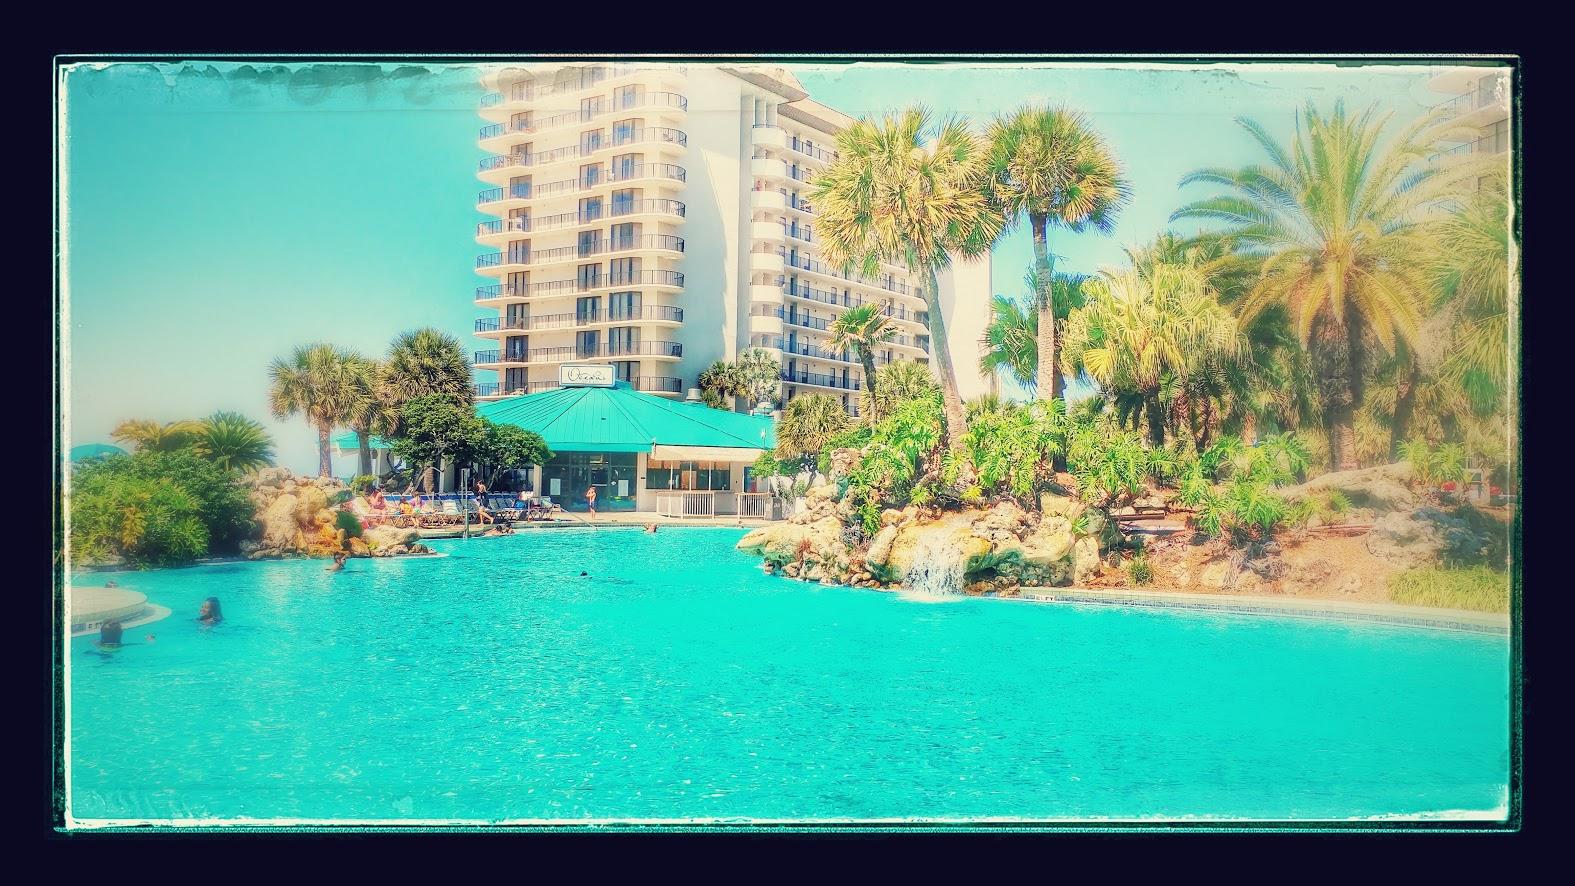 Edgewater Beach Resort rentals